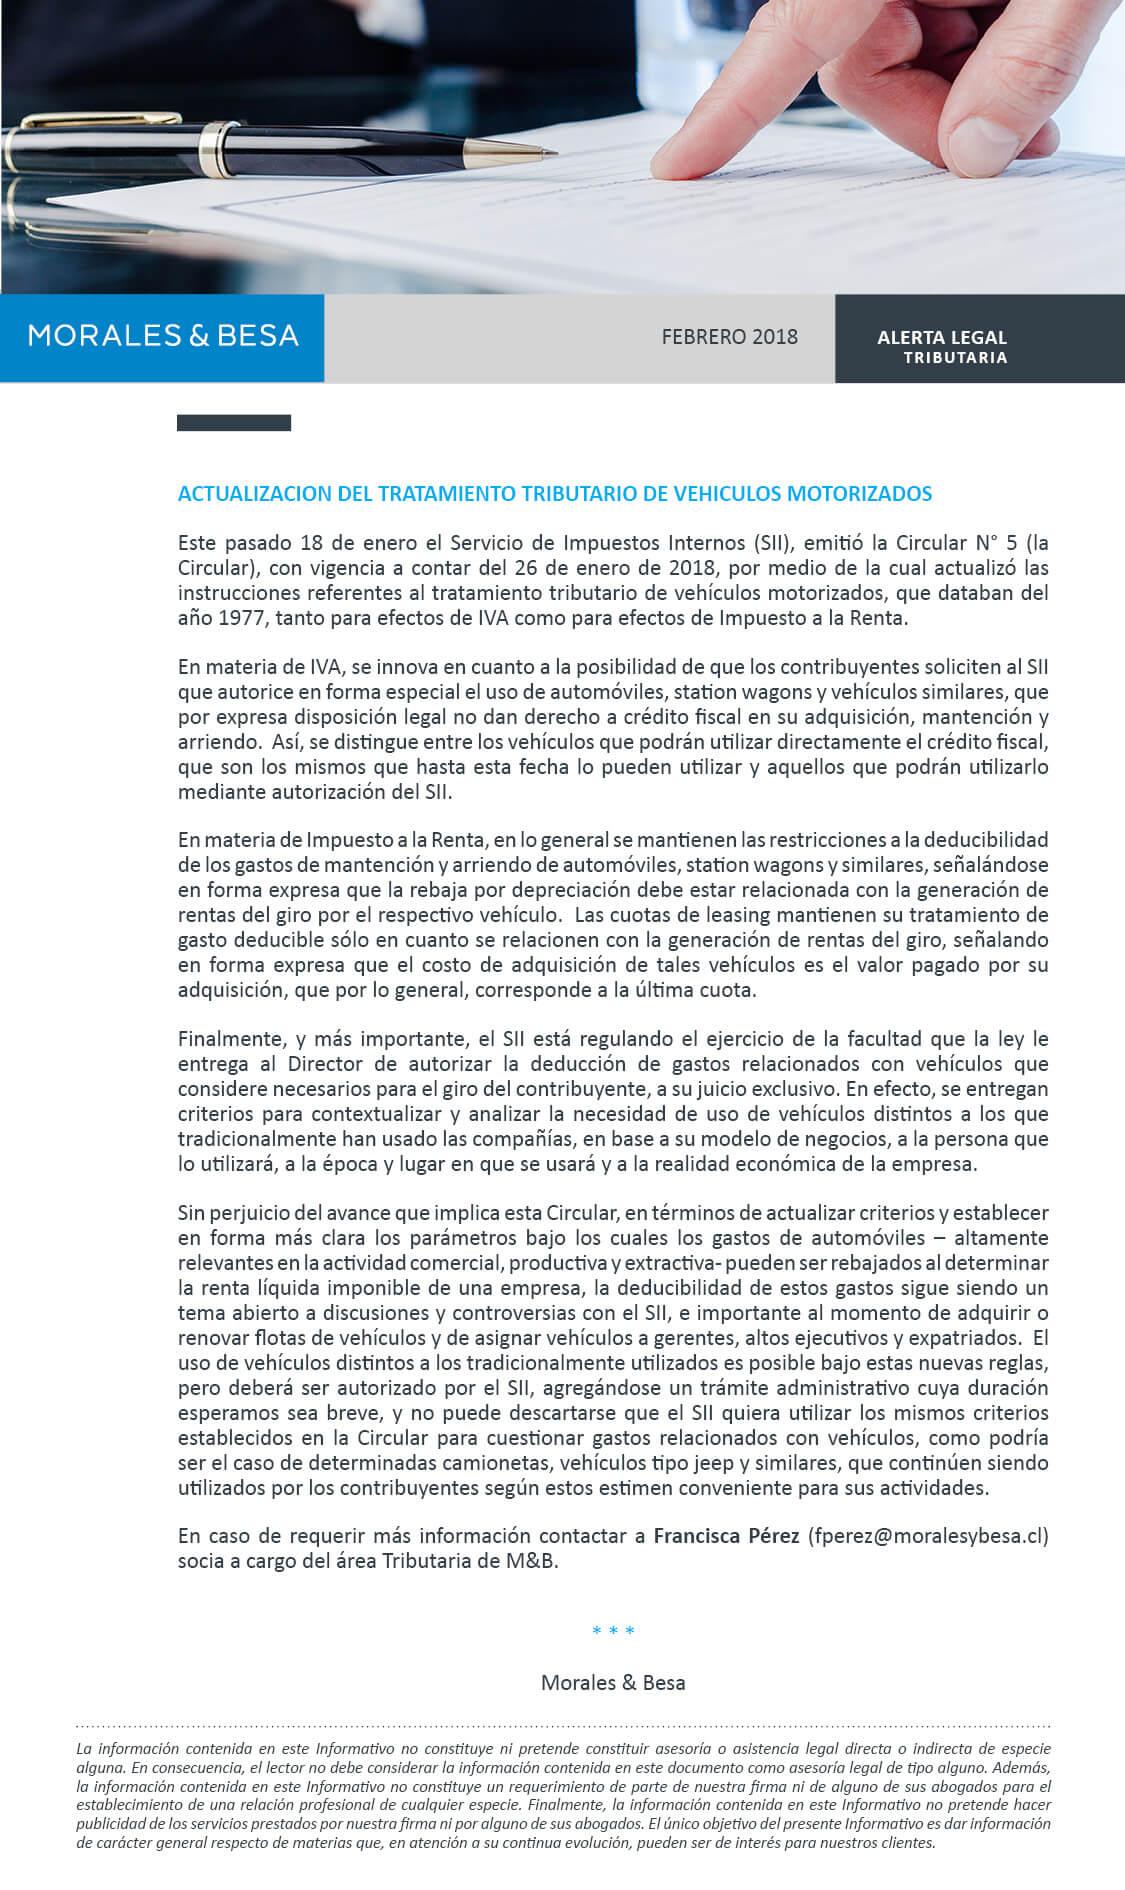 Morales & Besa_Alerta Legal_Tributaria_Febrero 2018